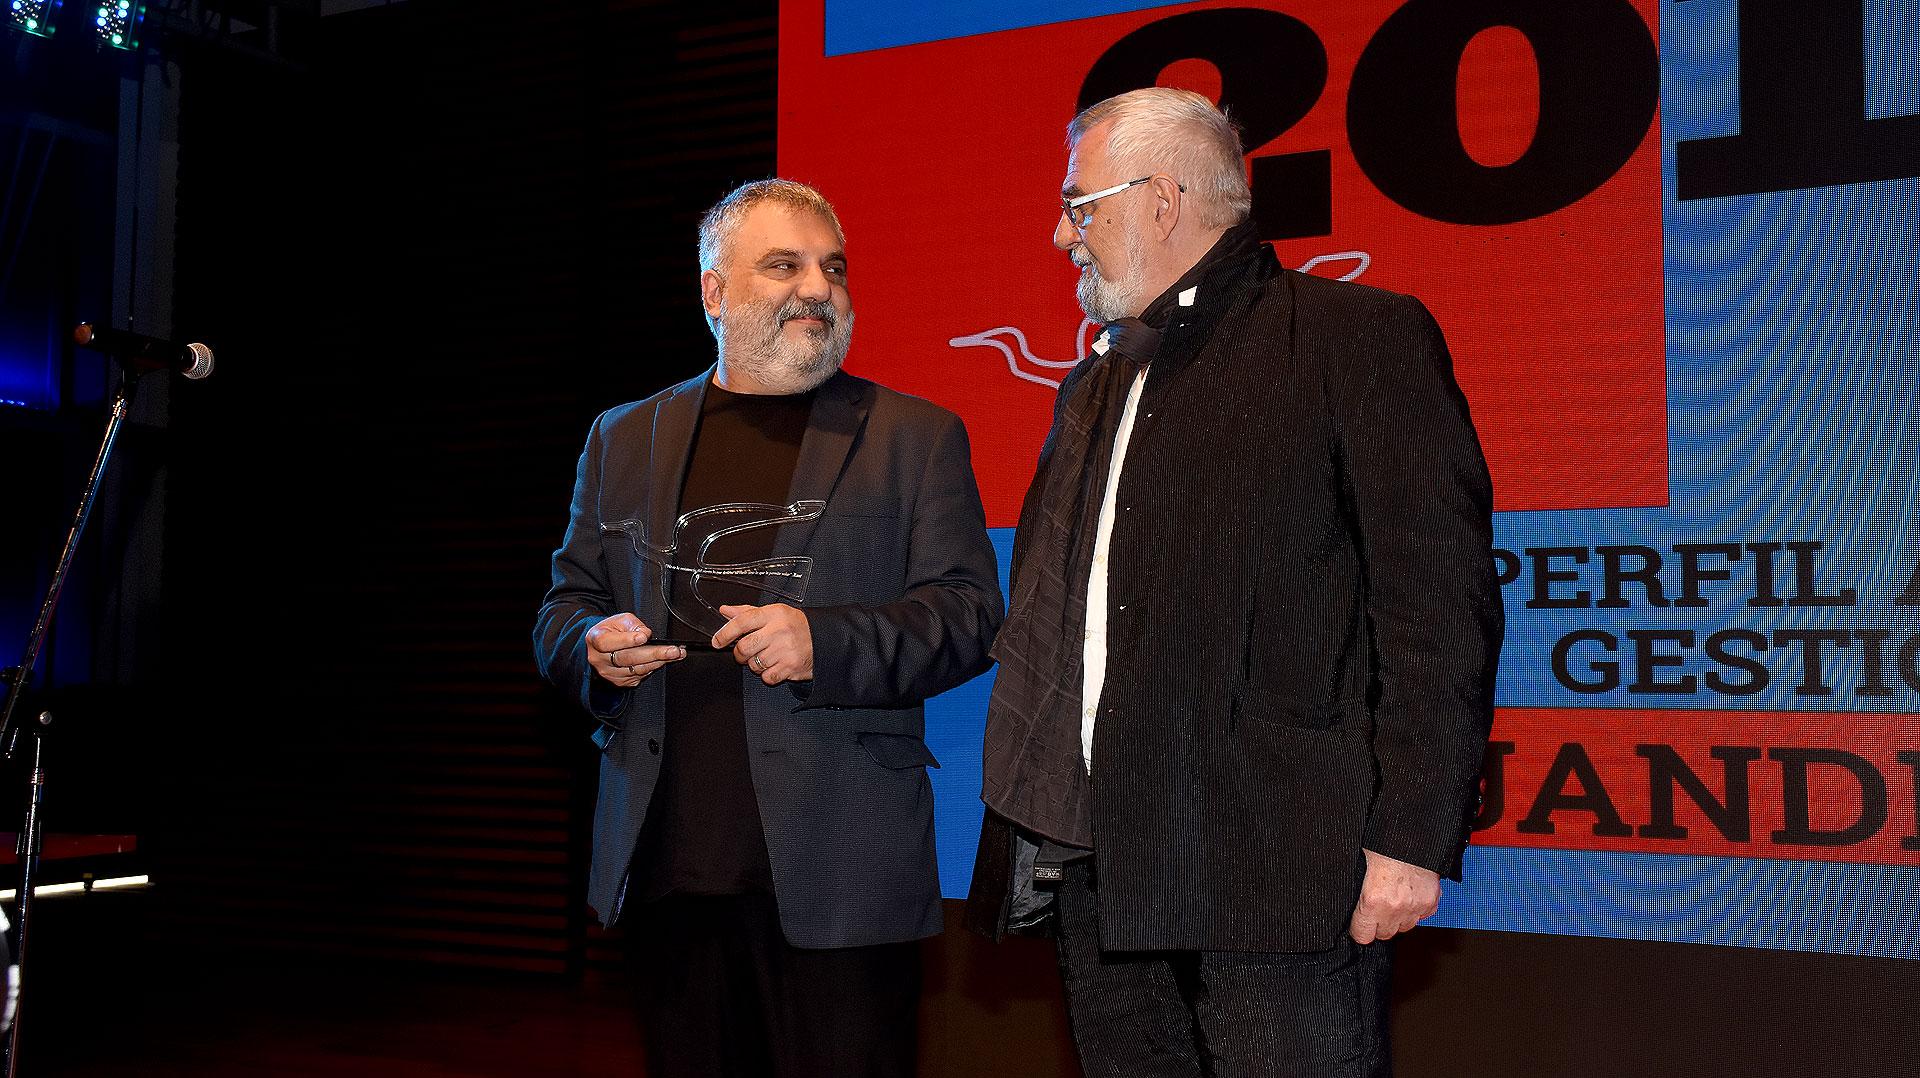 Alejandro Tantanian, director del Teatro Nacional Cervantes, recibió el Premio Perfil a la Inteligencia de los Argentinos en el rubro Gestión Cultural. Se lo entregó Lino Patalano